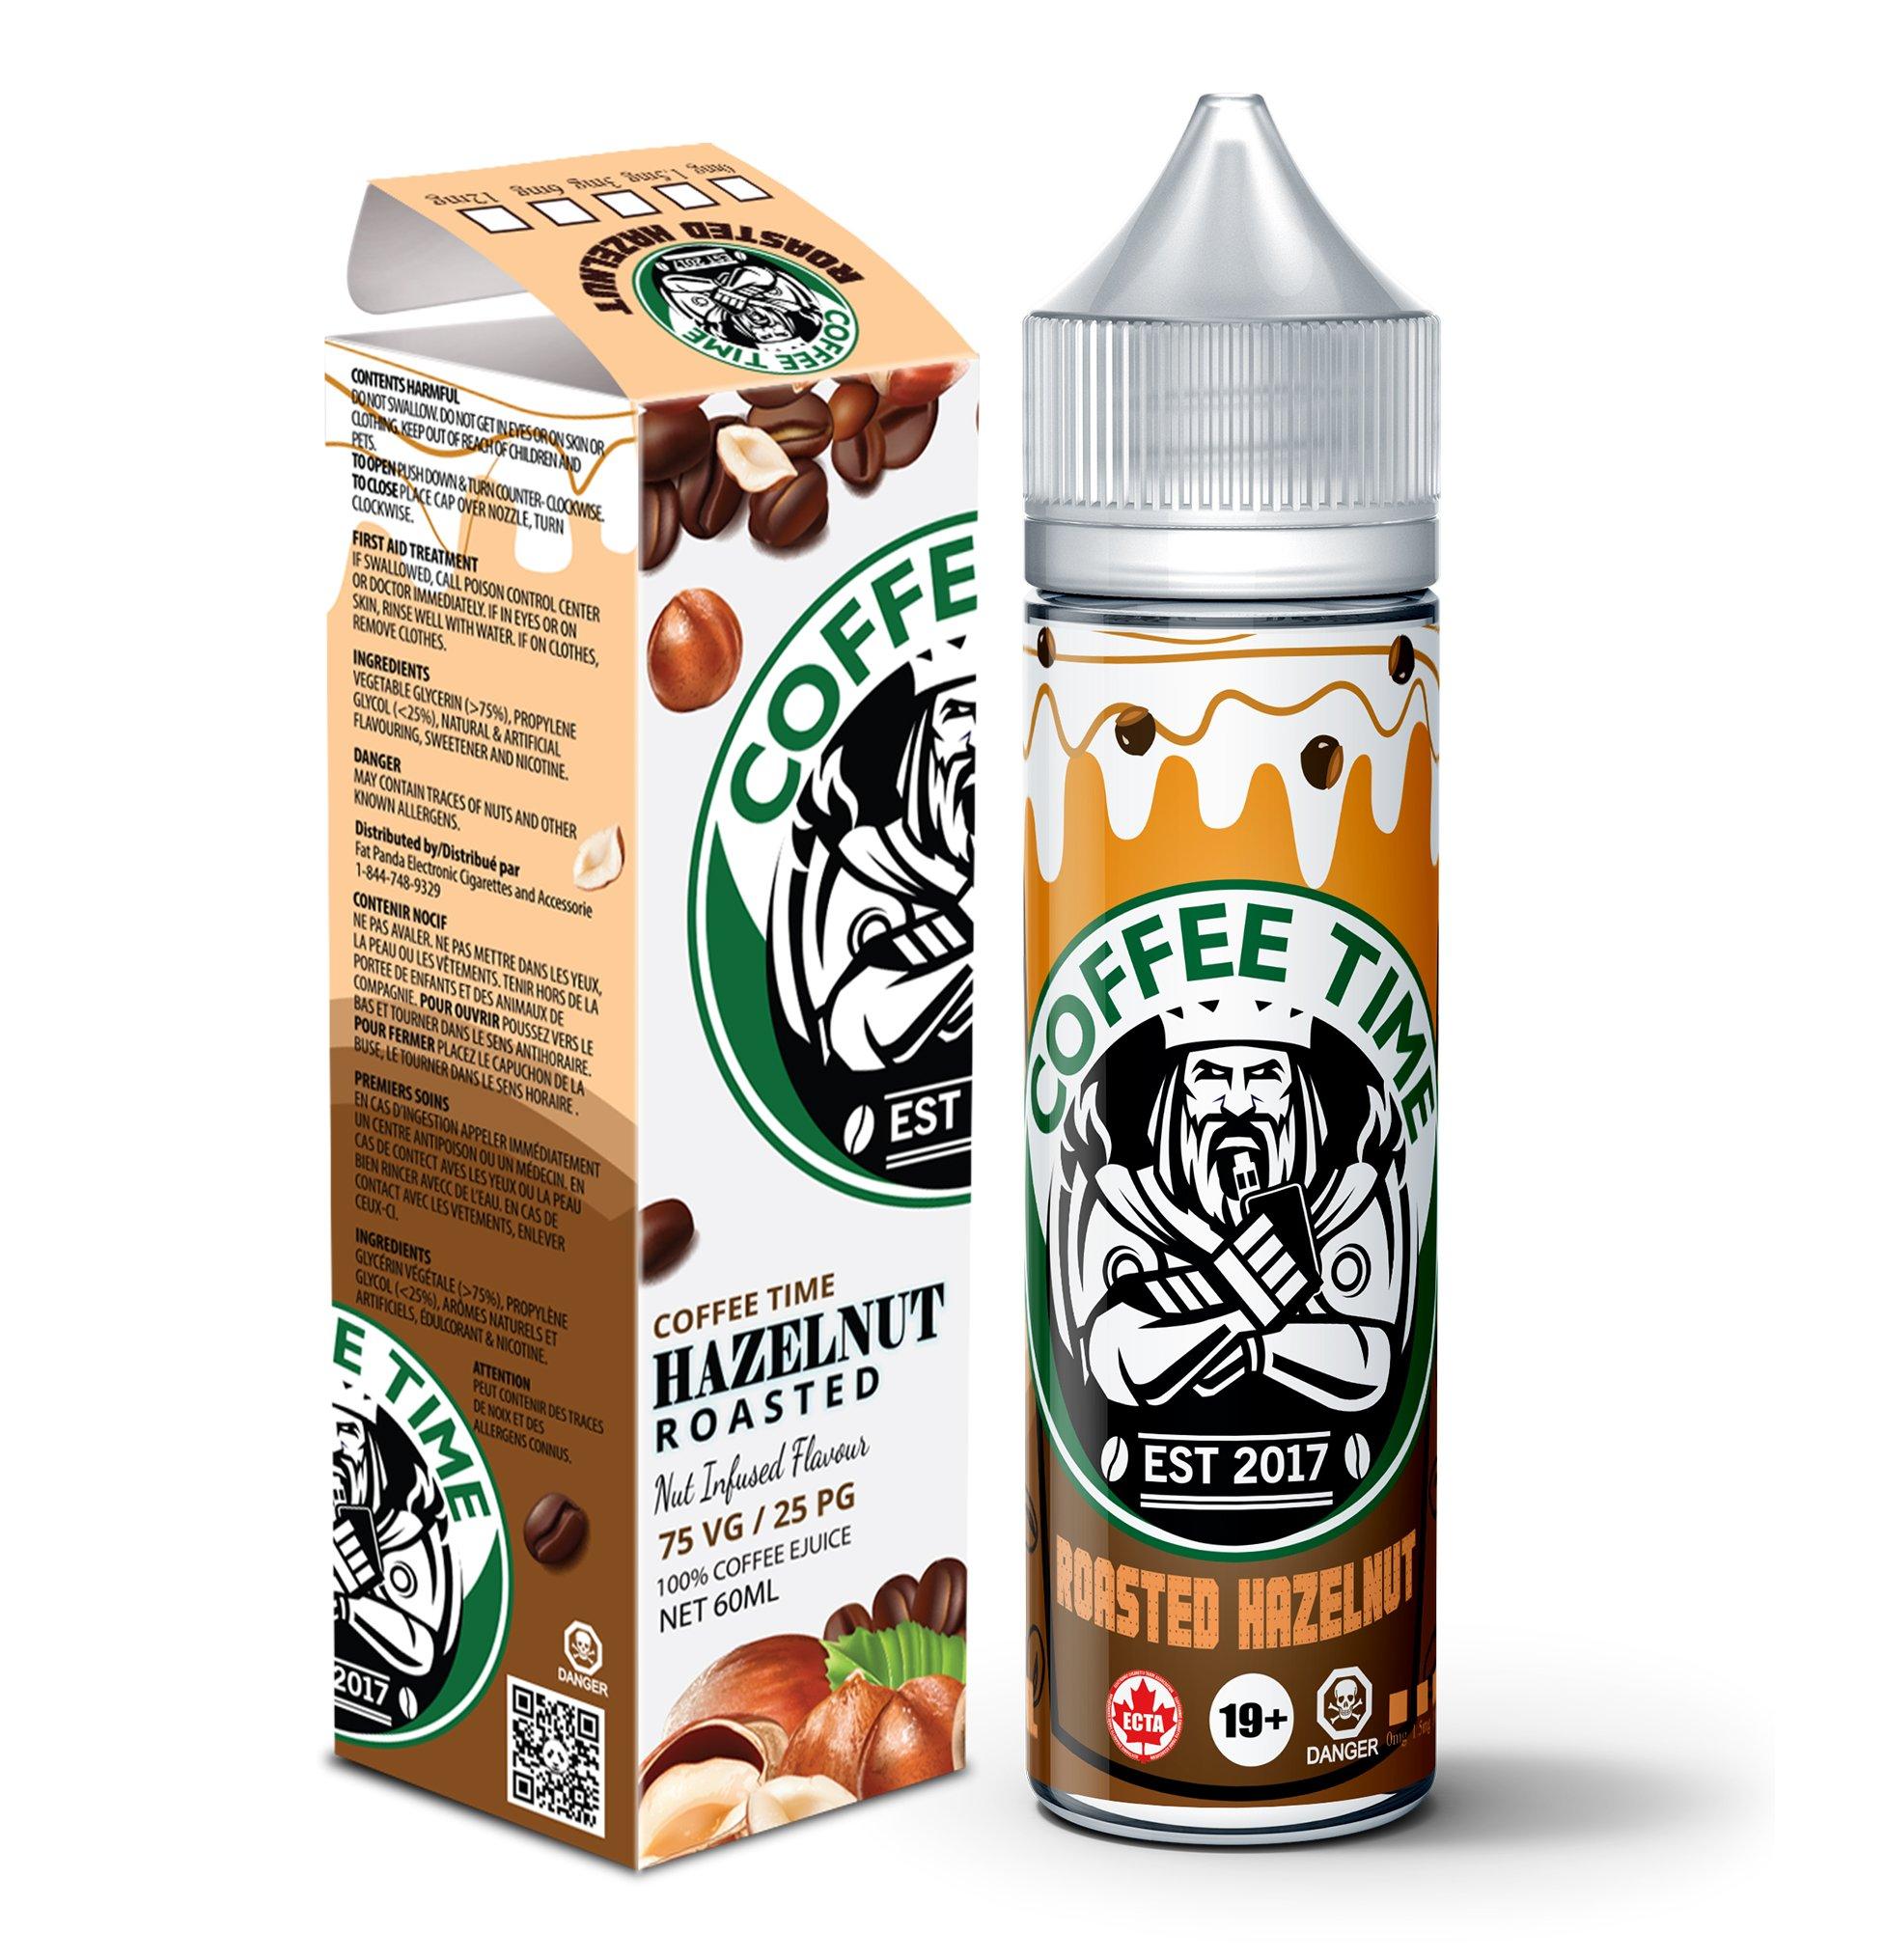 Coffee Time - Roasted Hazelnut